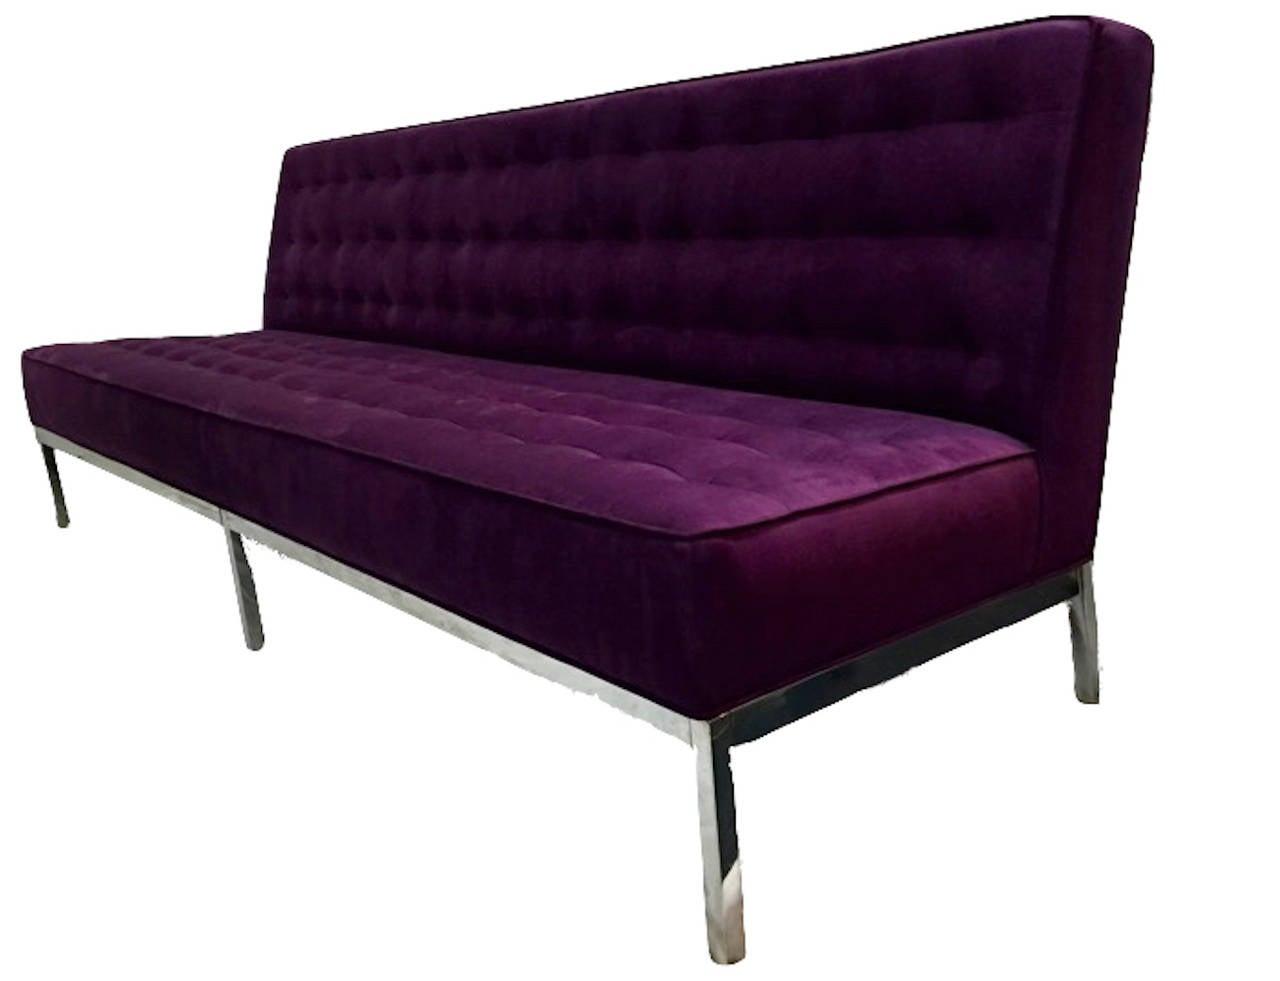 Knoll Inspired Chrome Framed Sofa 2